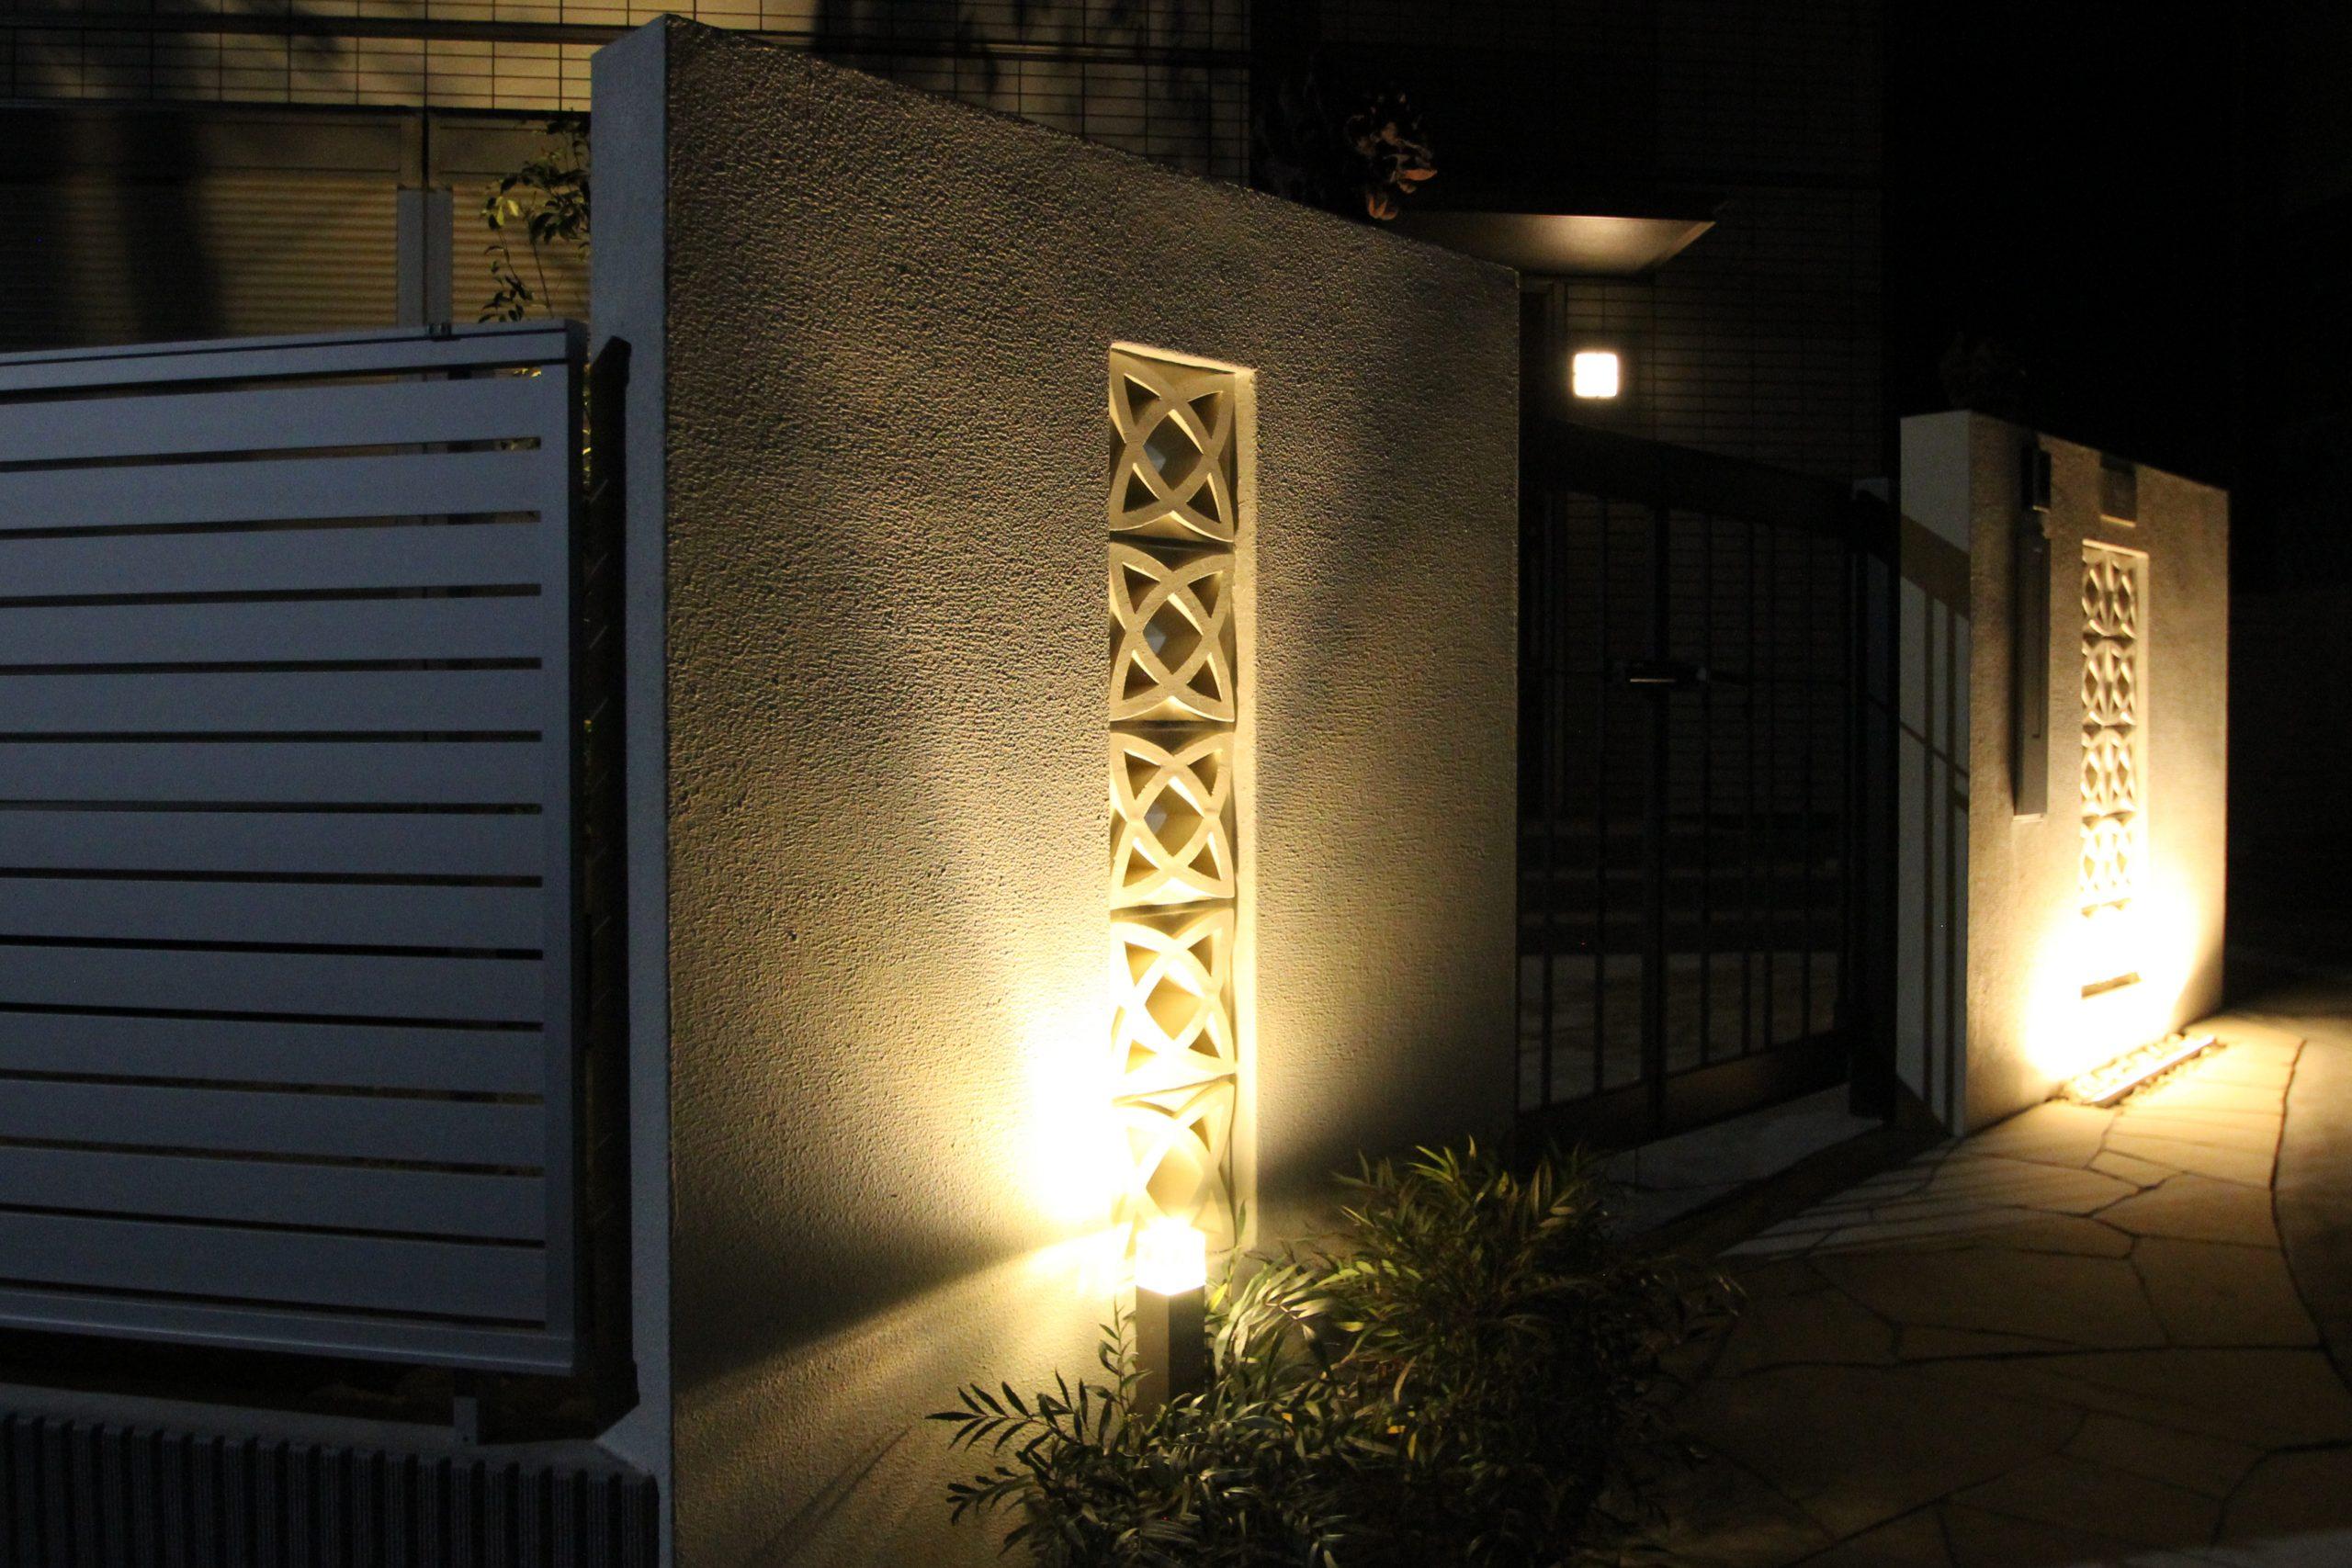 千葉市。<br>オリエンタルなリゾートテイスト。<br>自然石でデザインした門廻り。9